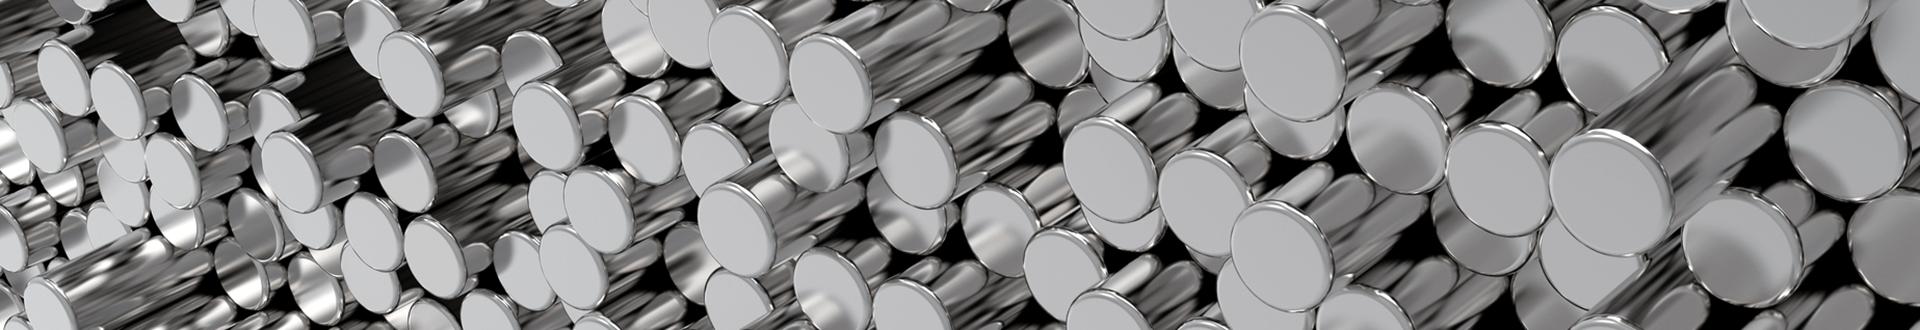 metals bars